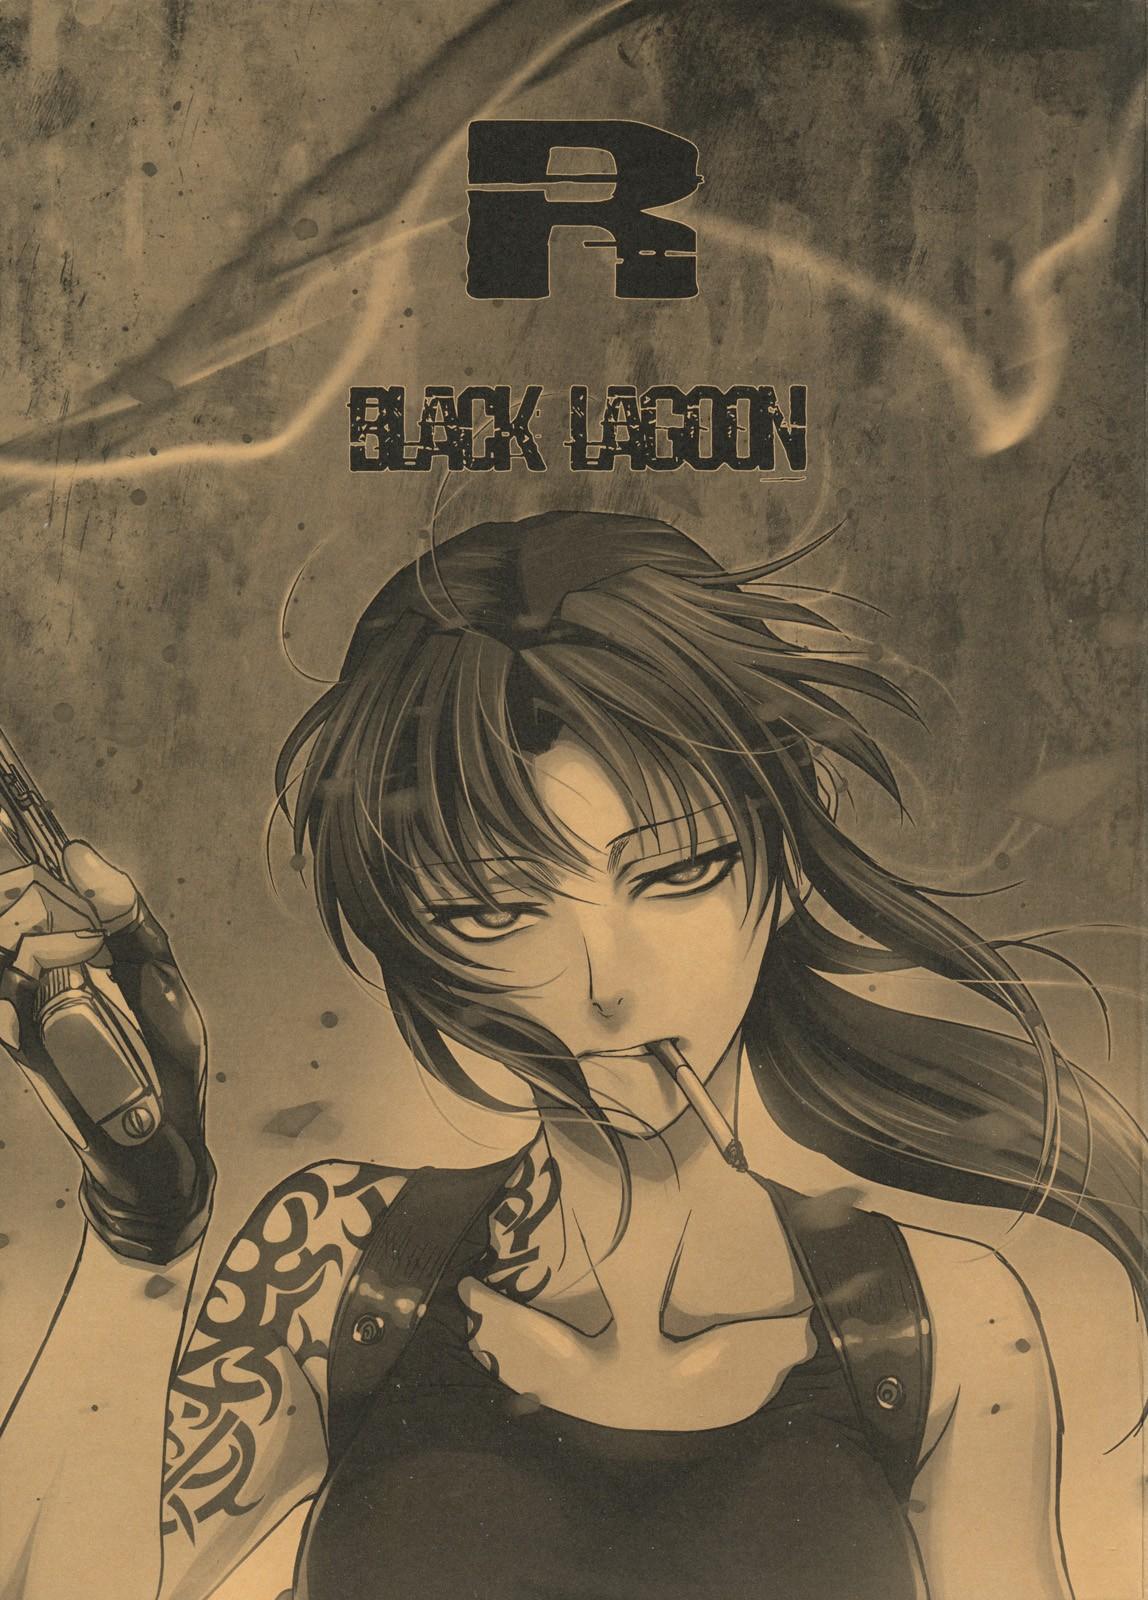 デスクトップ壁紙 お絵かき 図 アニメの女の子 漫画 ブラック